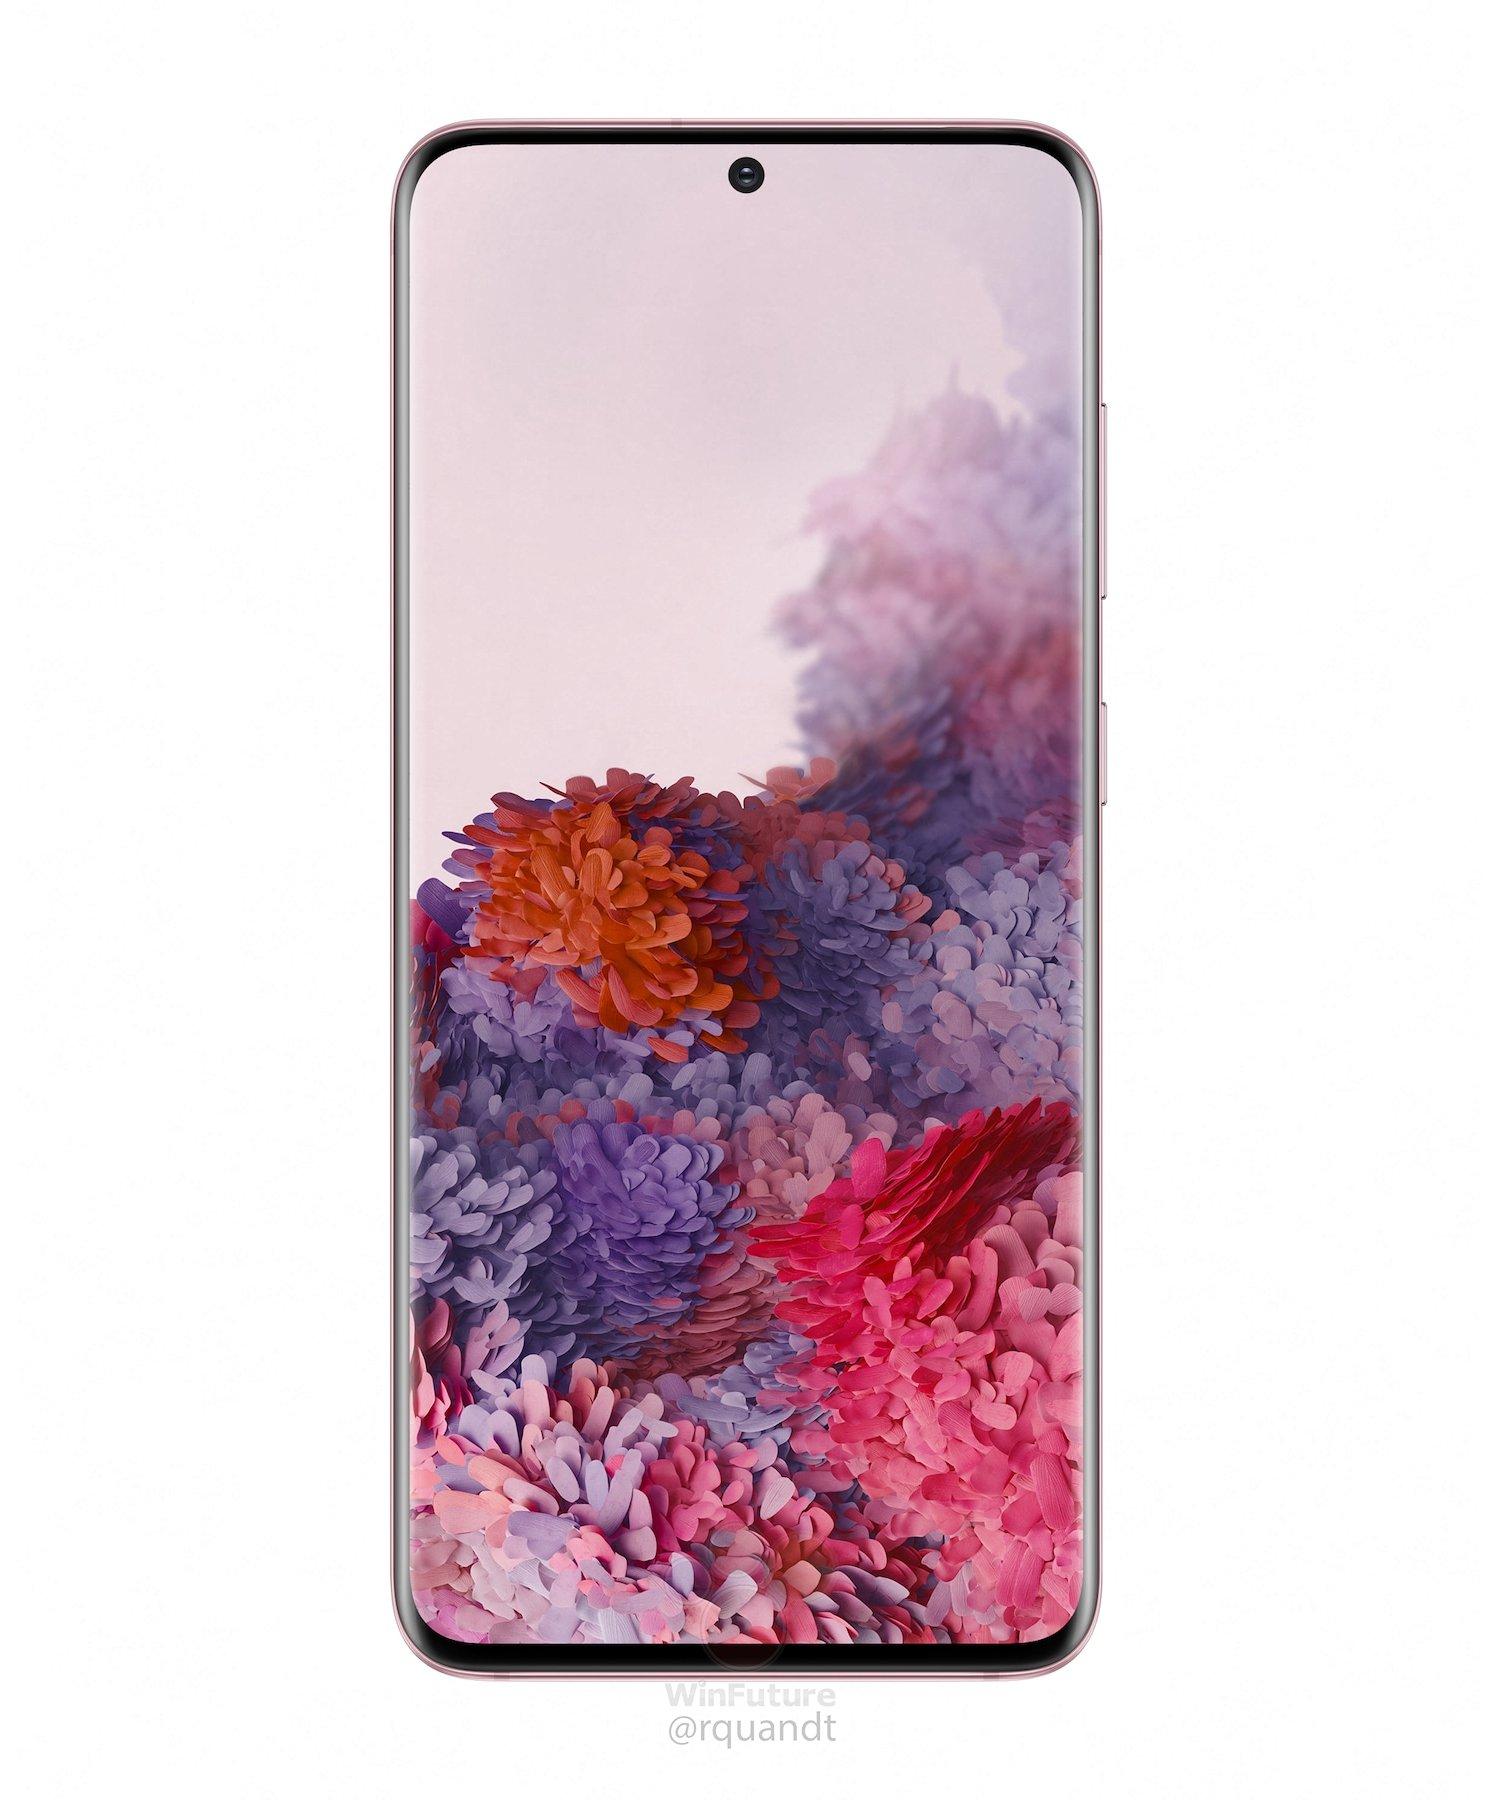 różowy Galaxy S20 Samsung cena kiedy premiera plotki przecieki wycieki rendery specyfikacja dane techniczne